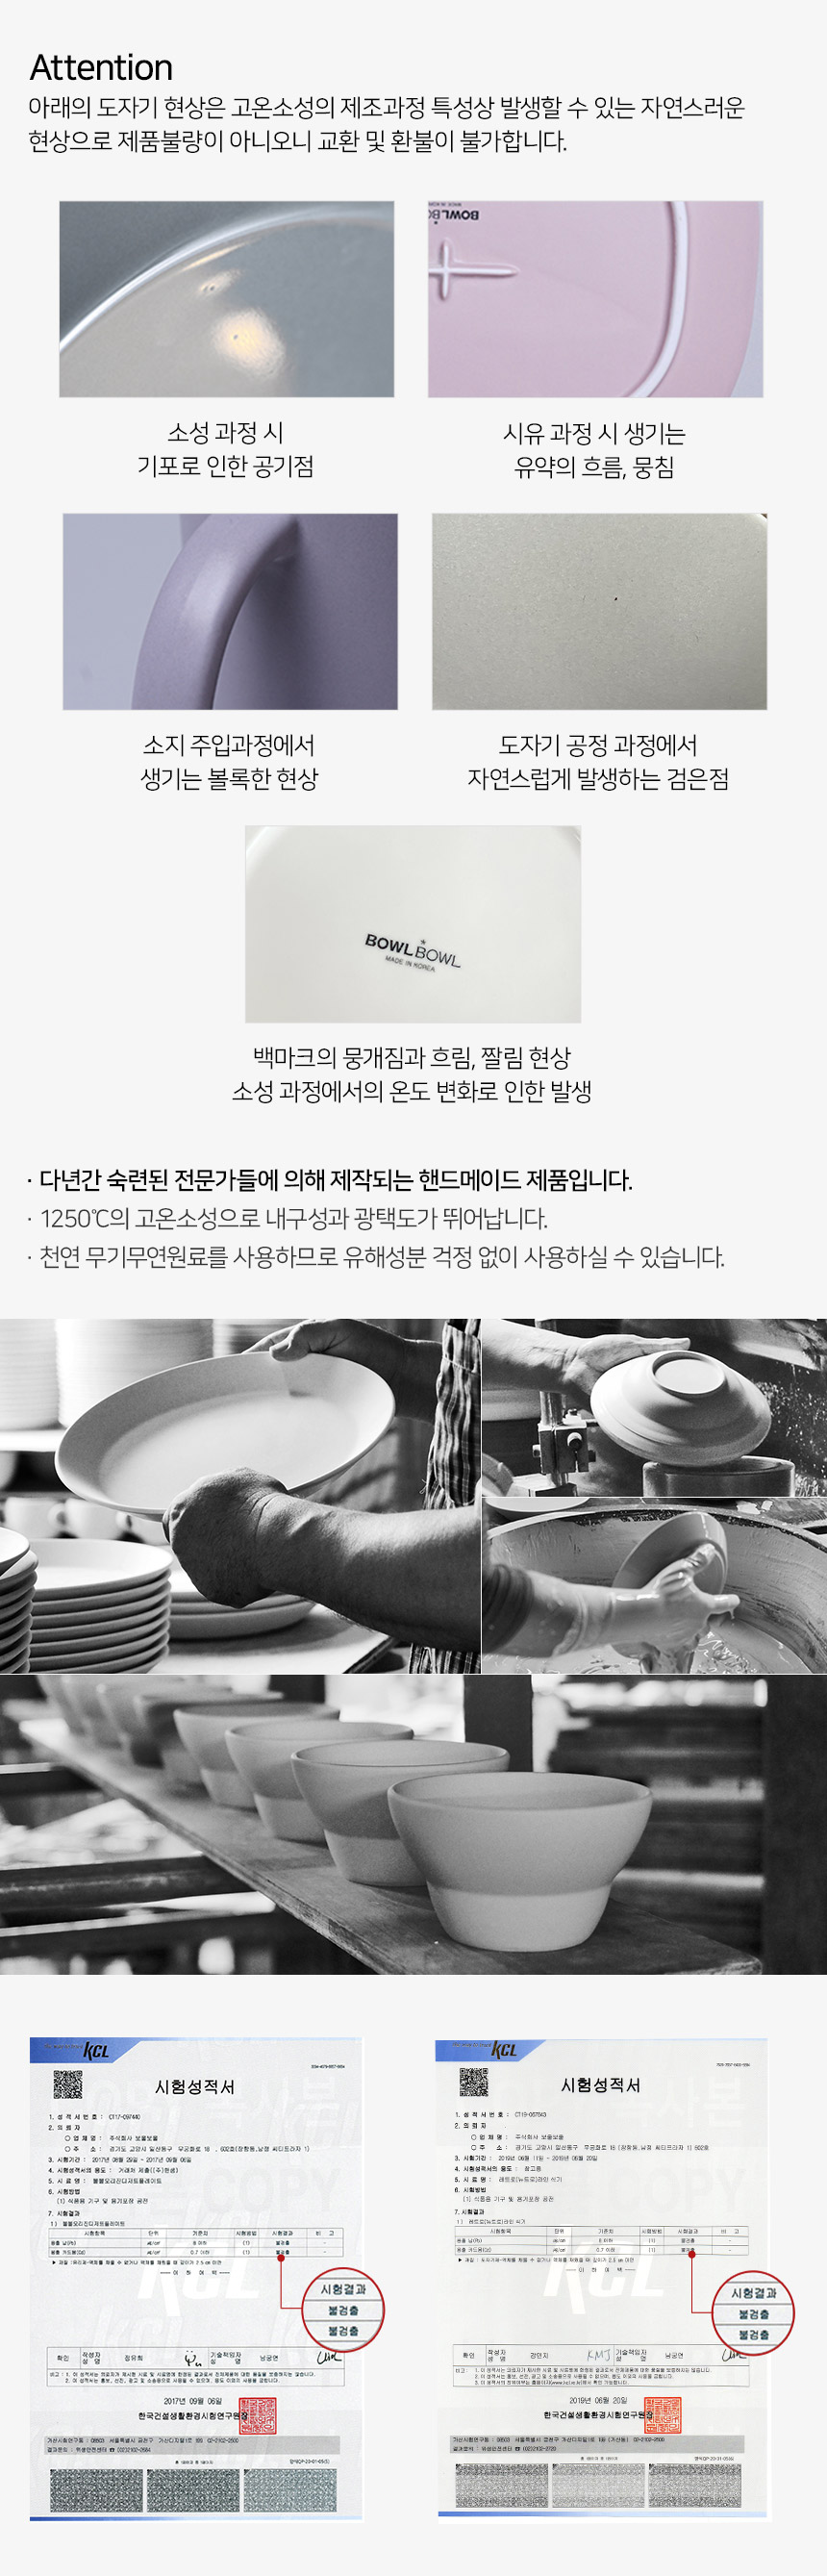 레트로라인 공기(애쉬그레이) - 보울보울, 6,500원, 밥공기/국공기, 밥공기